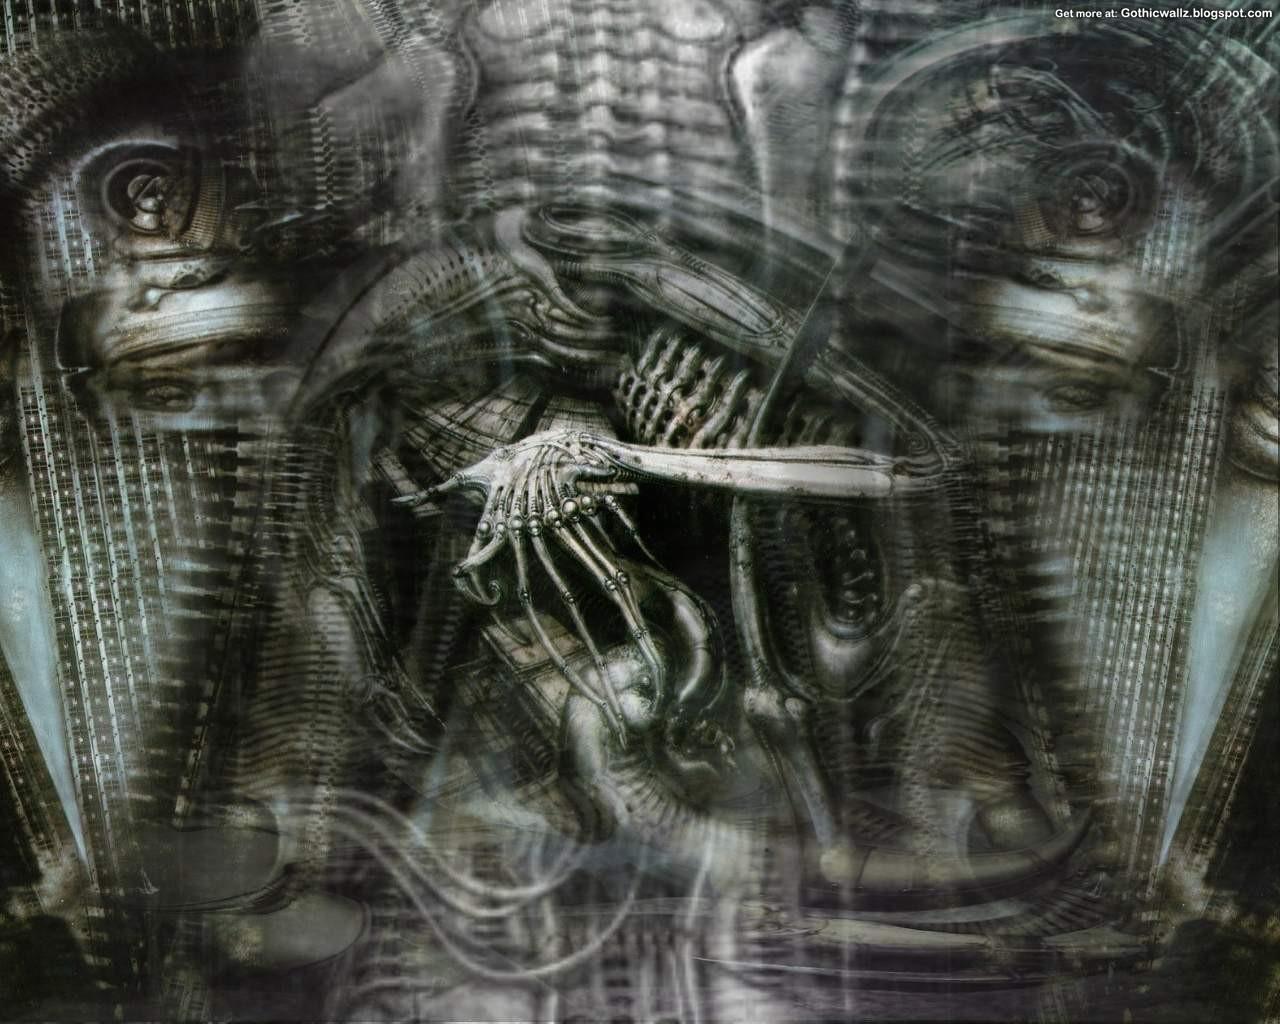 Gothicwallz--Electrogoth.jpg